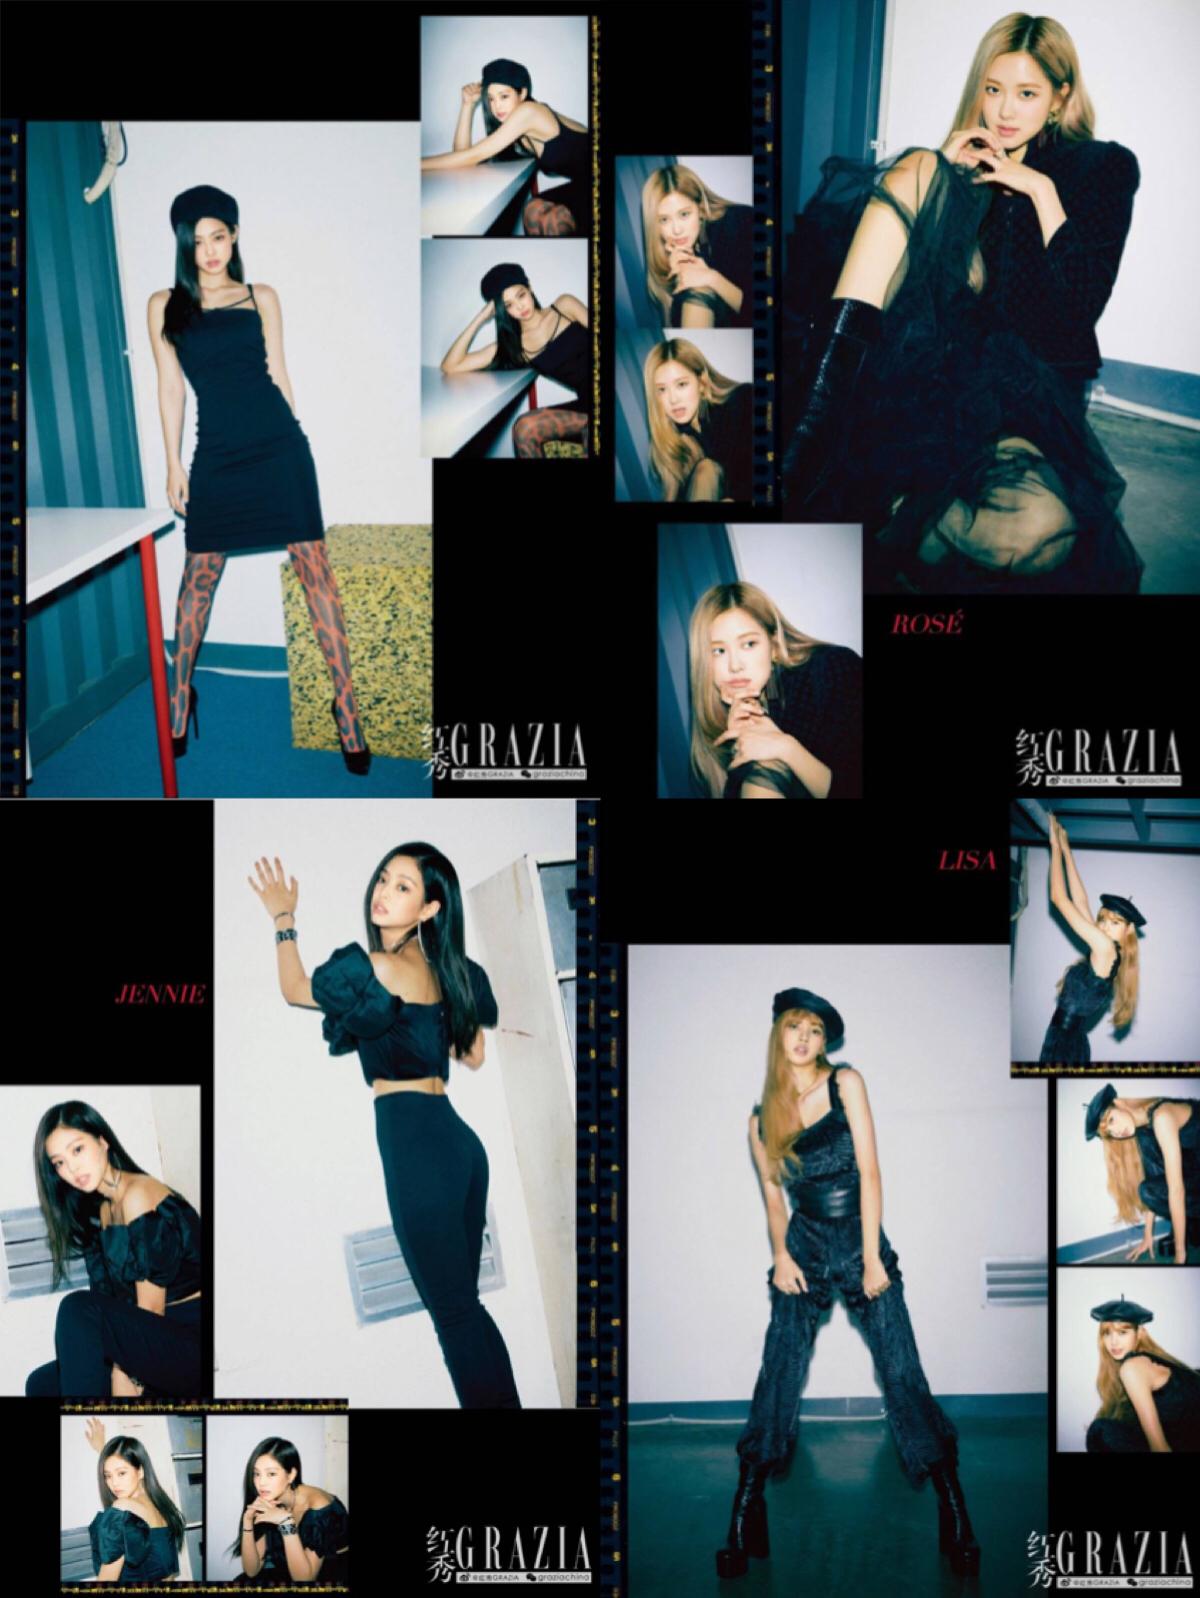 热点丨完爆14国人气女团BLACKPINK,是如何一步步成为时尚新势力的